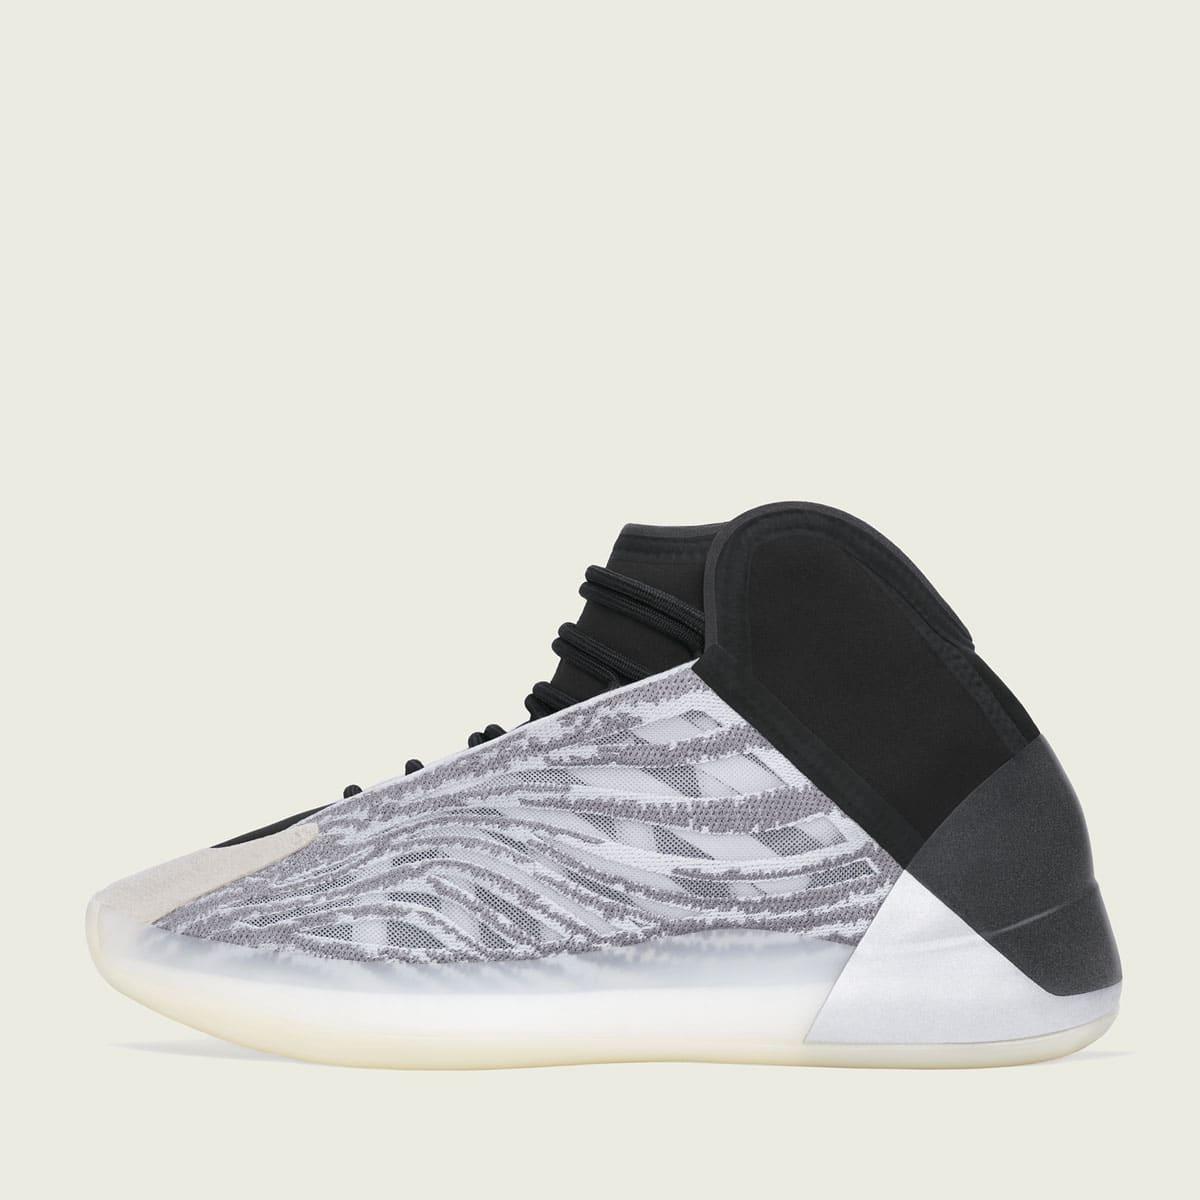 adidas YZY QNTM